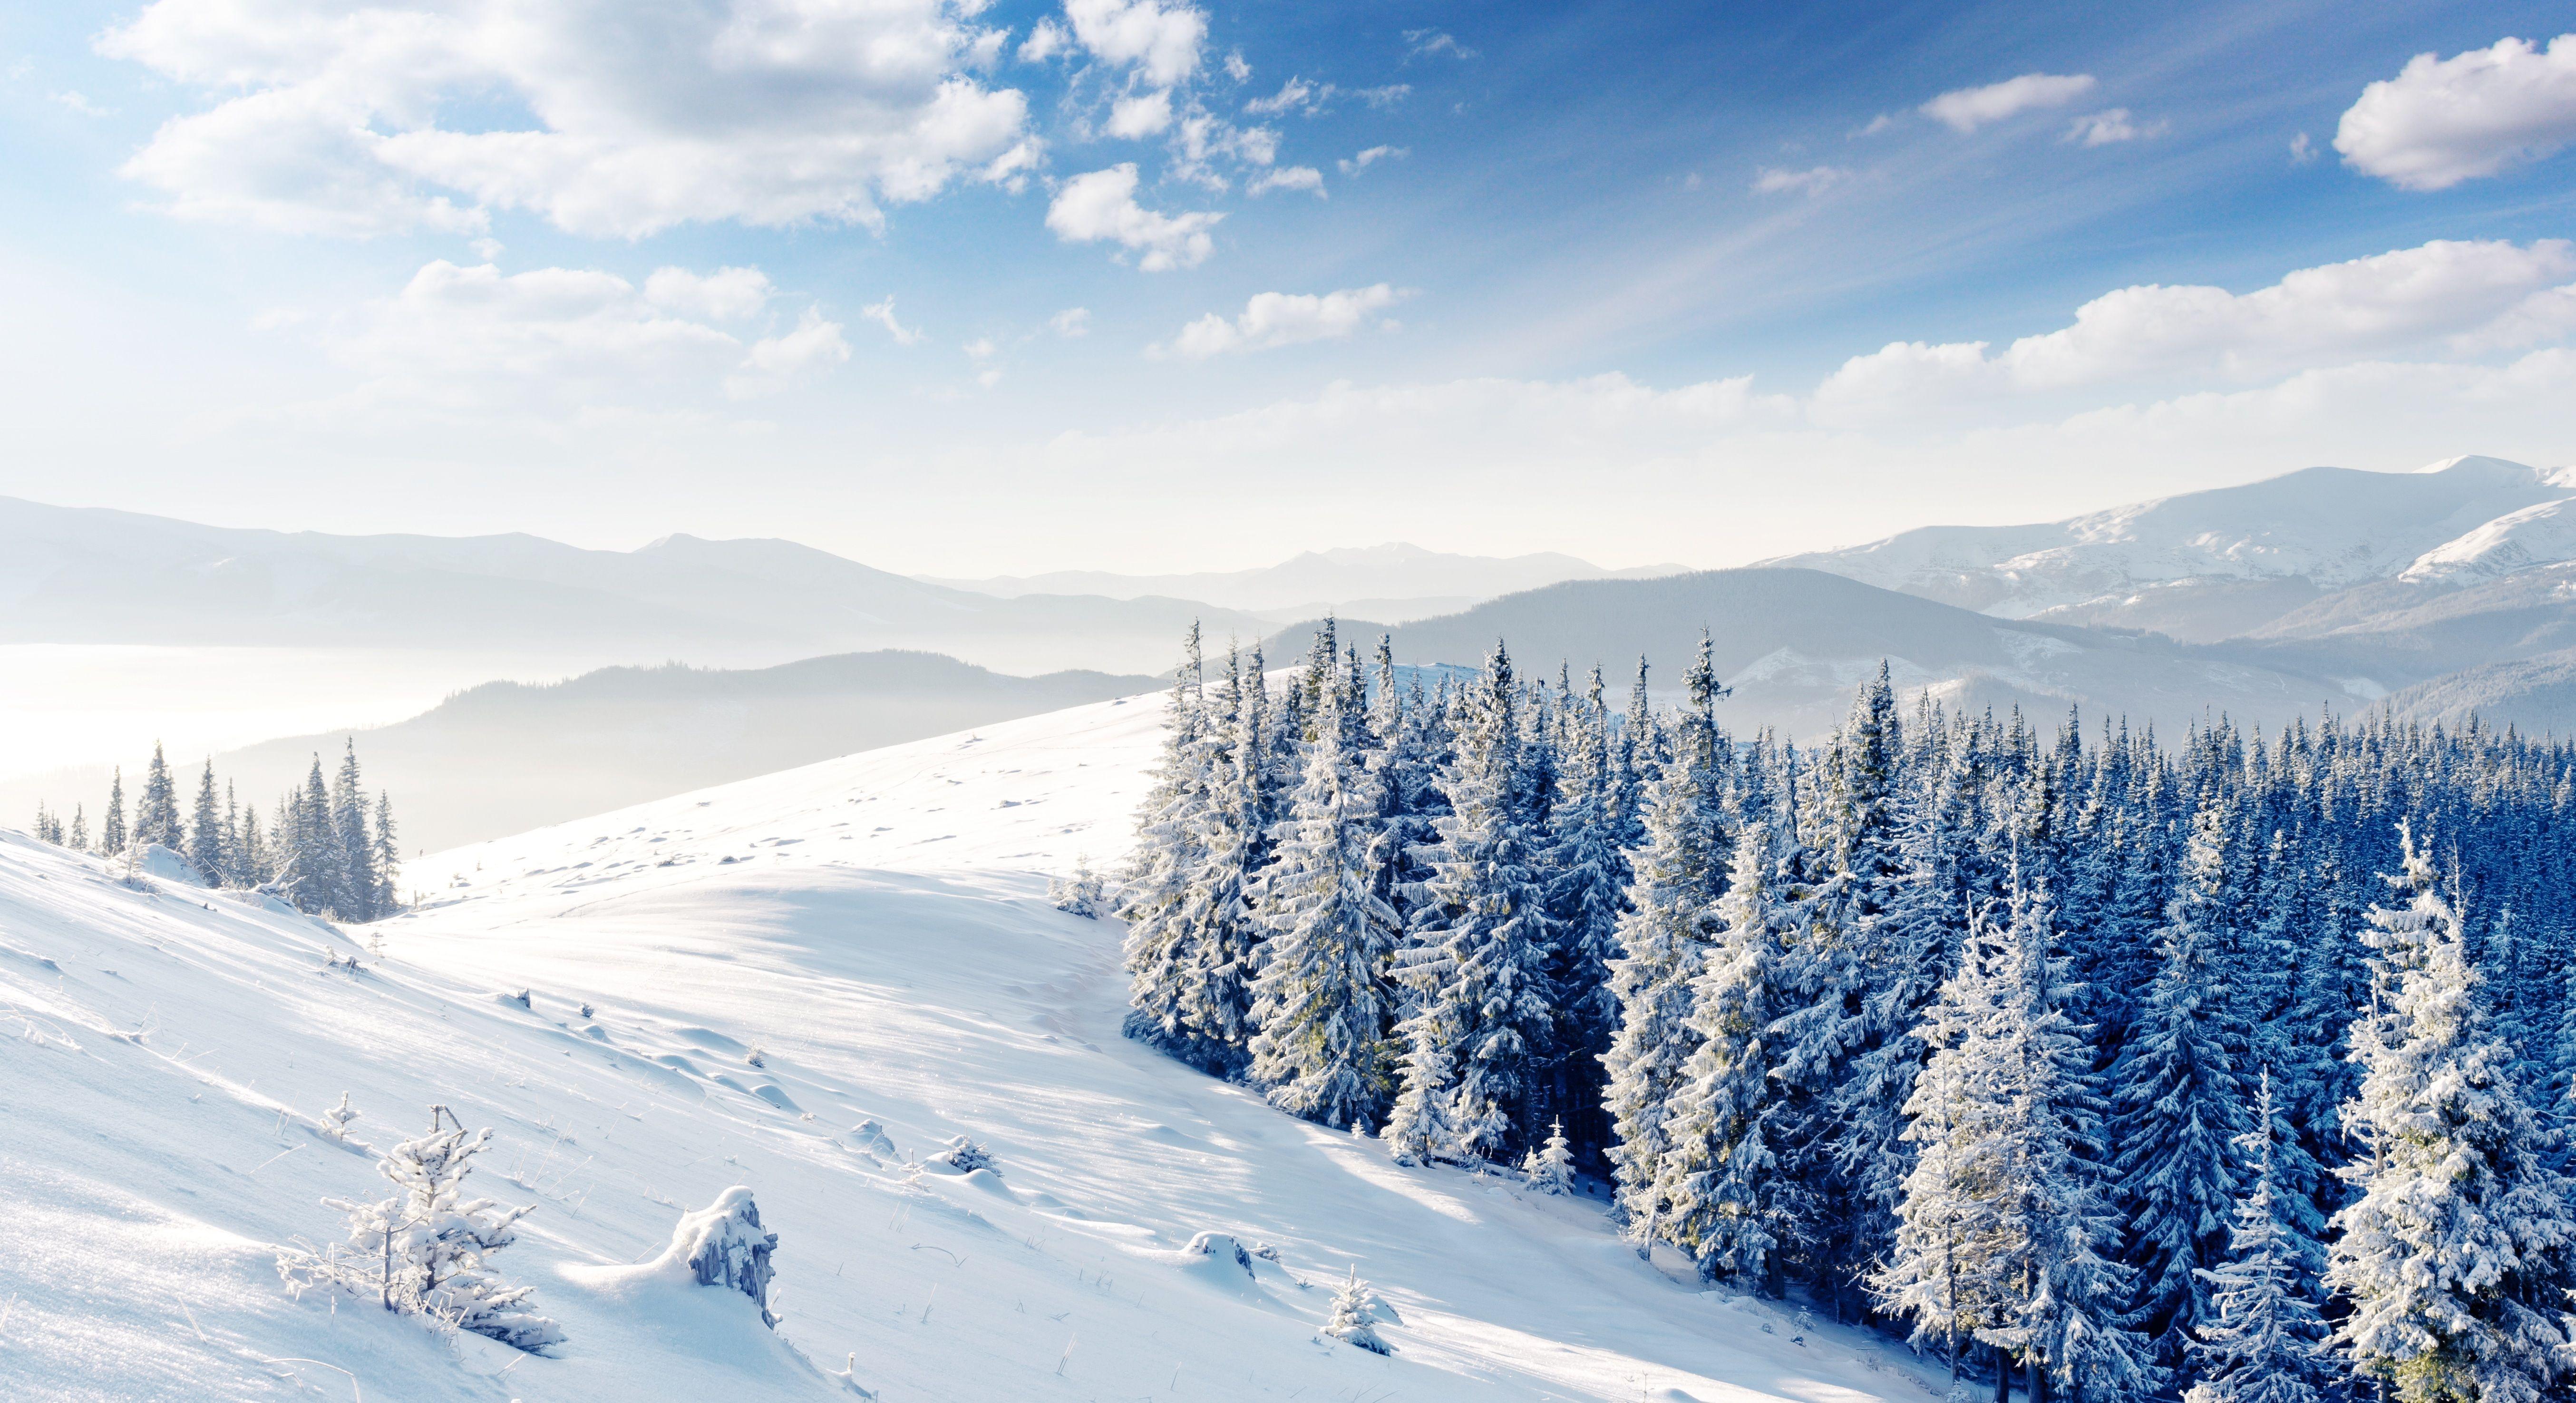 природа зима снег горы скалы деревья  № 2781177 бесплатно